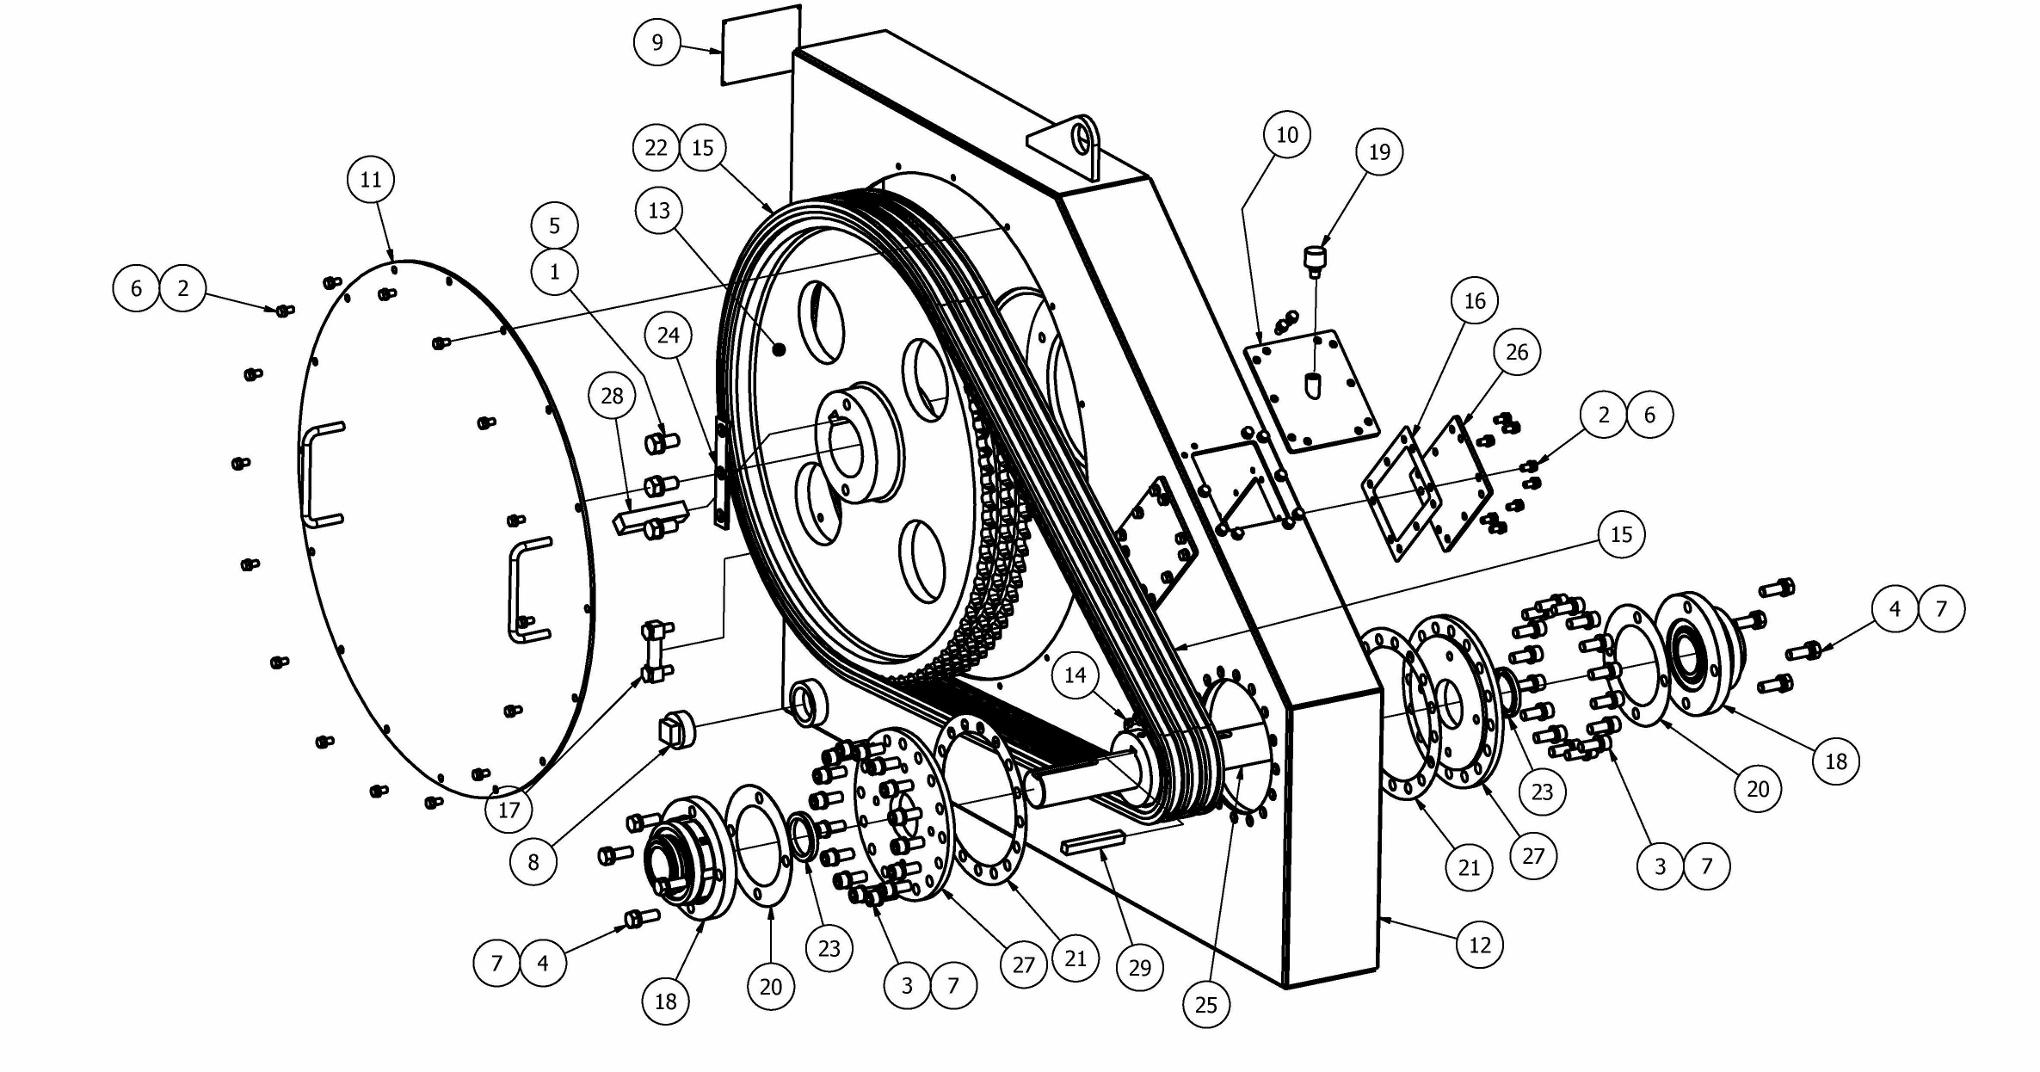 TT-250 Chainbox Parts View